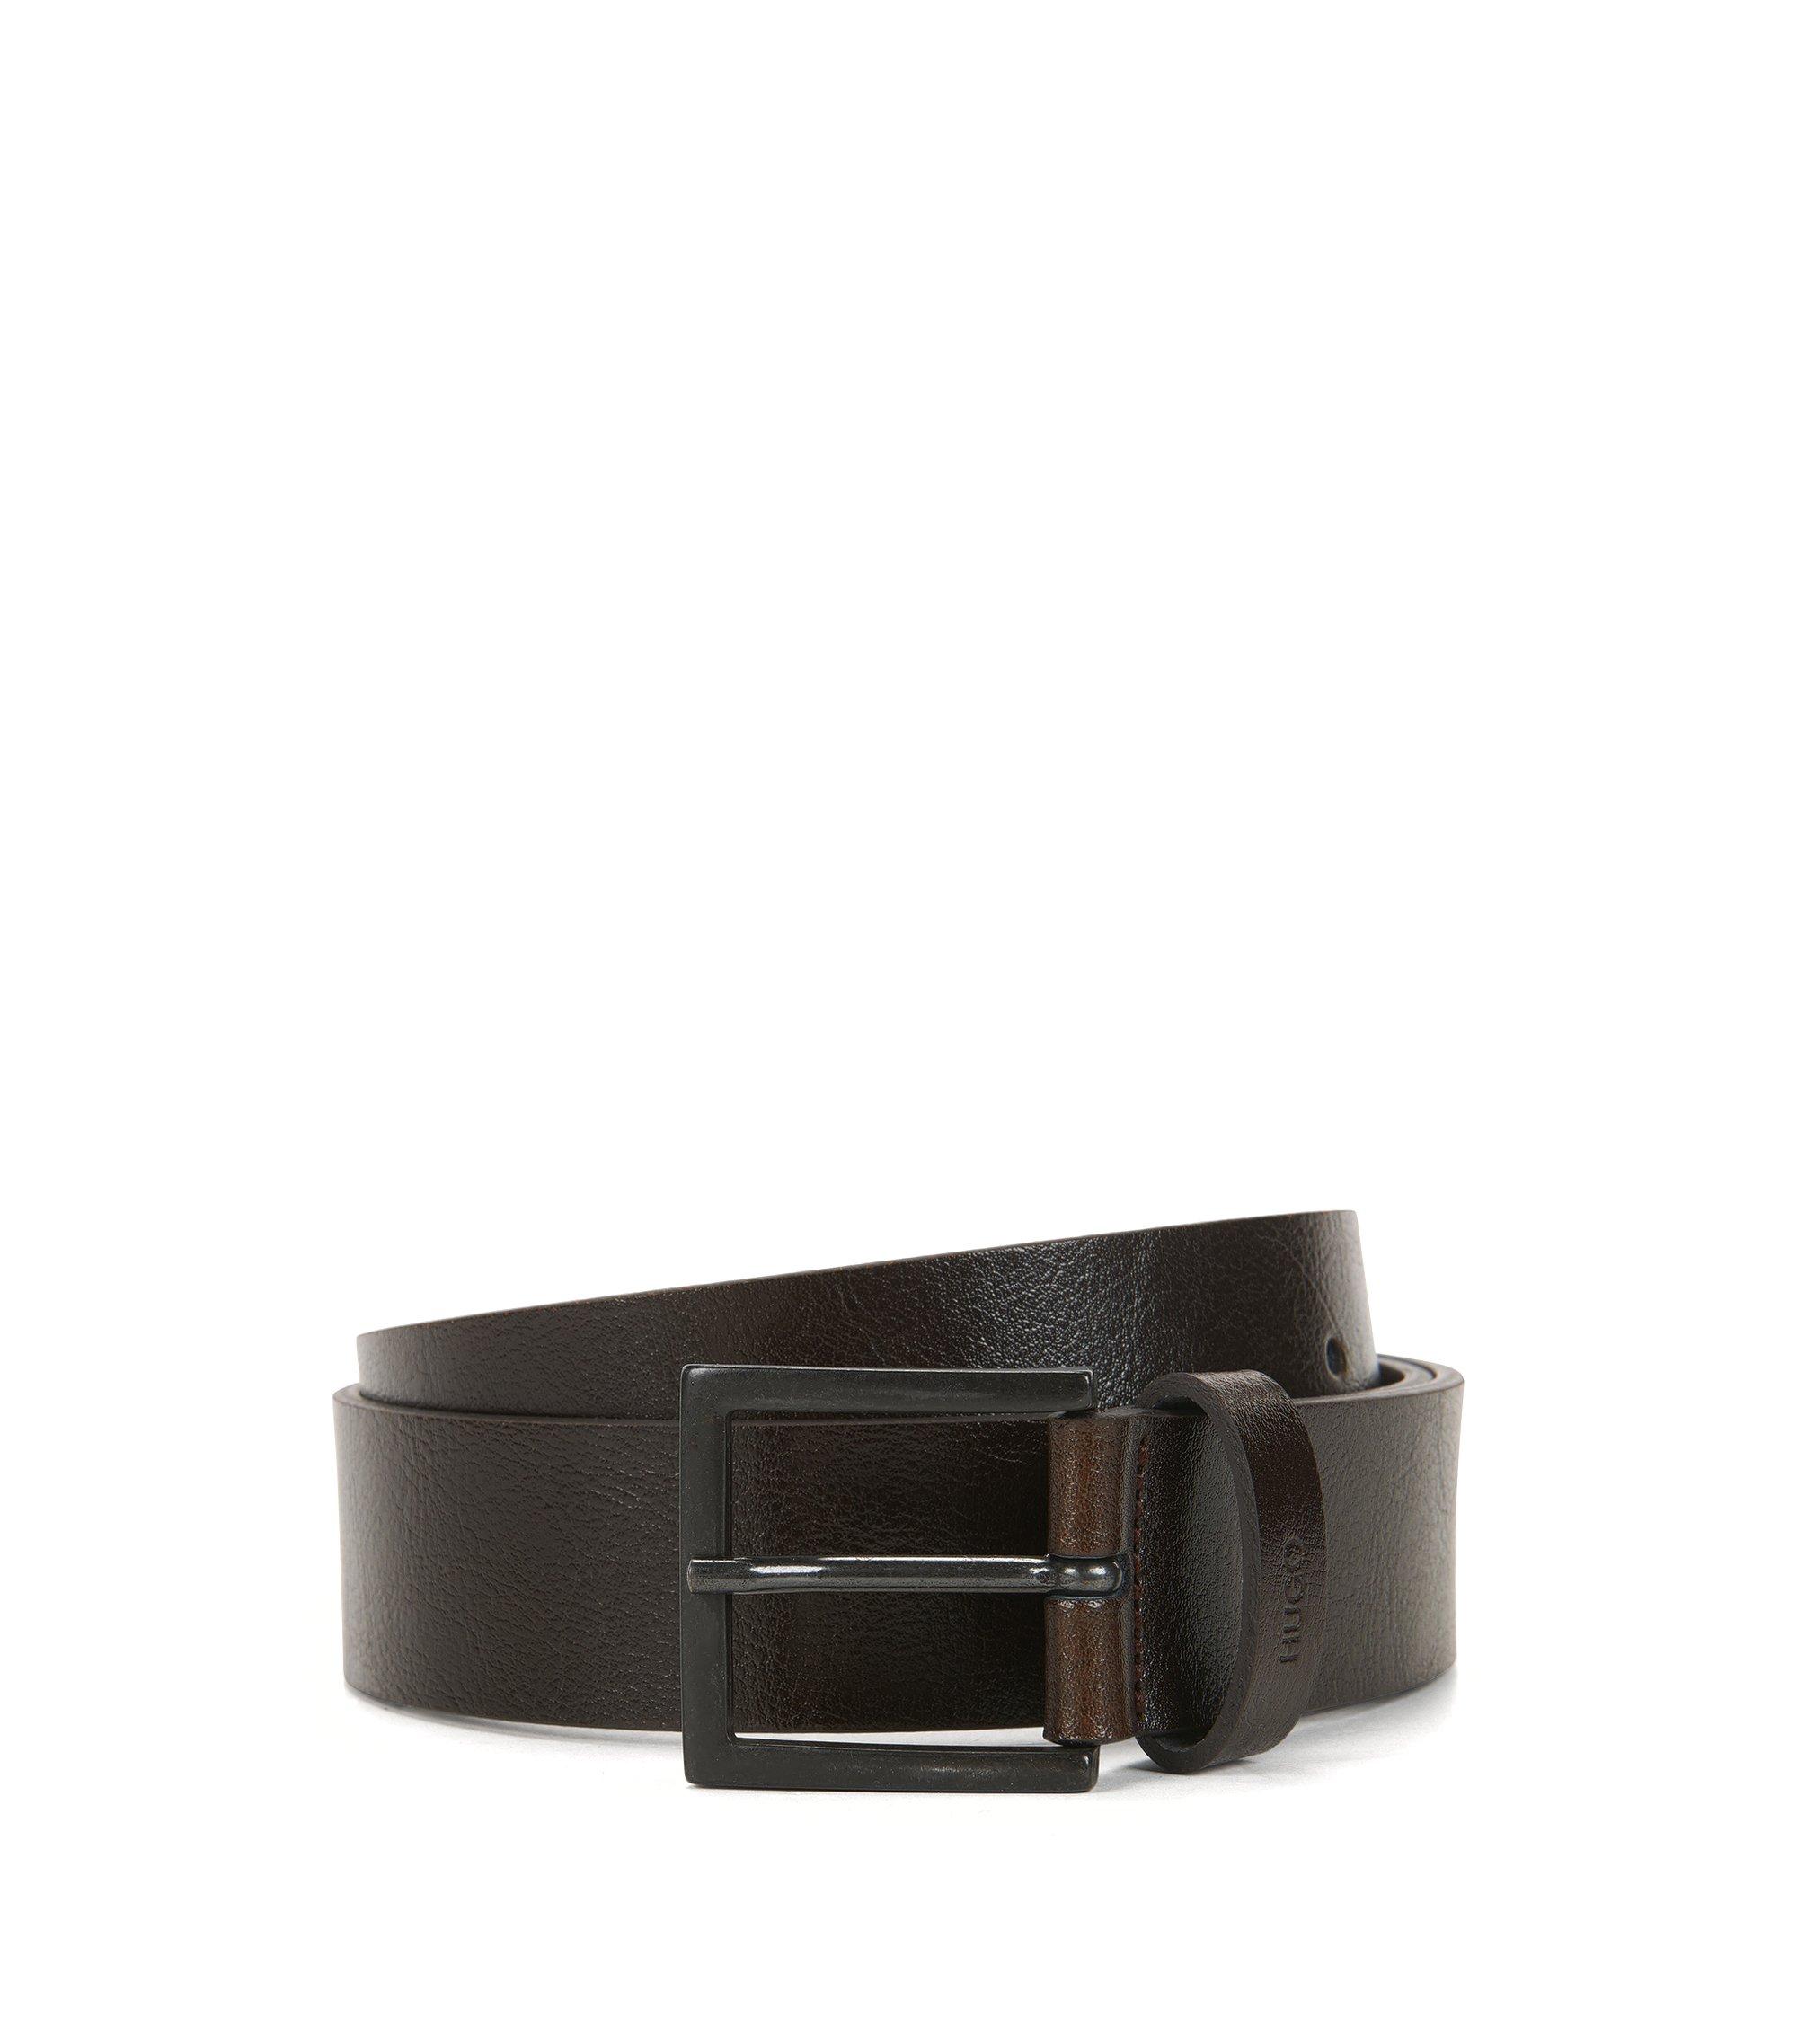 Cinturón de piel con hebilla y acabado desgastado, Marrón oscuro